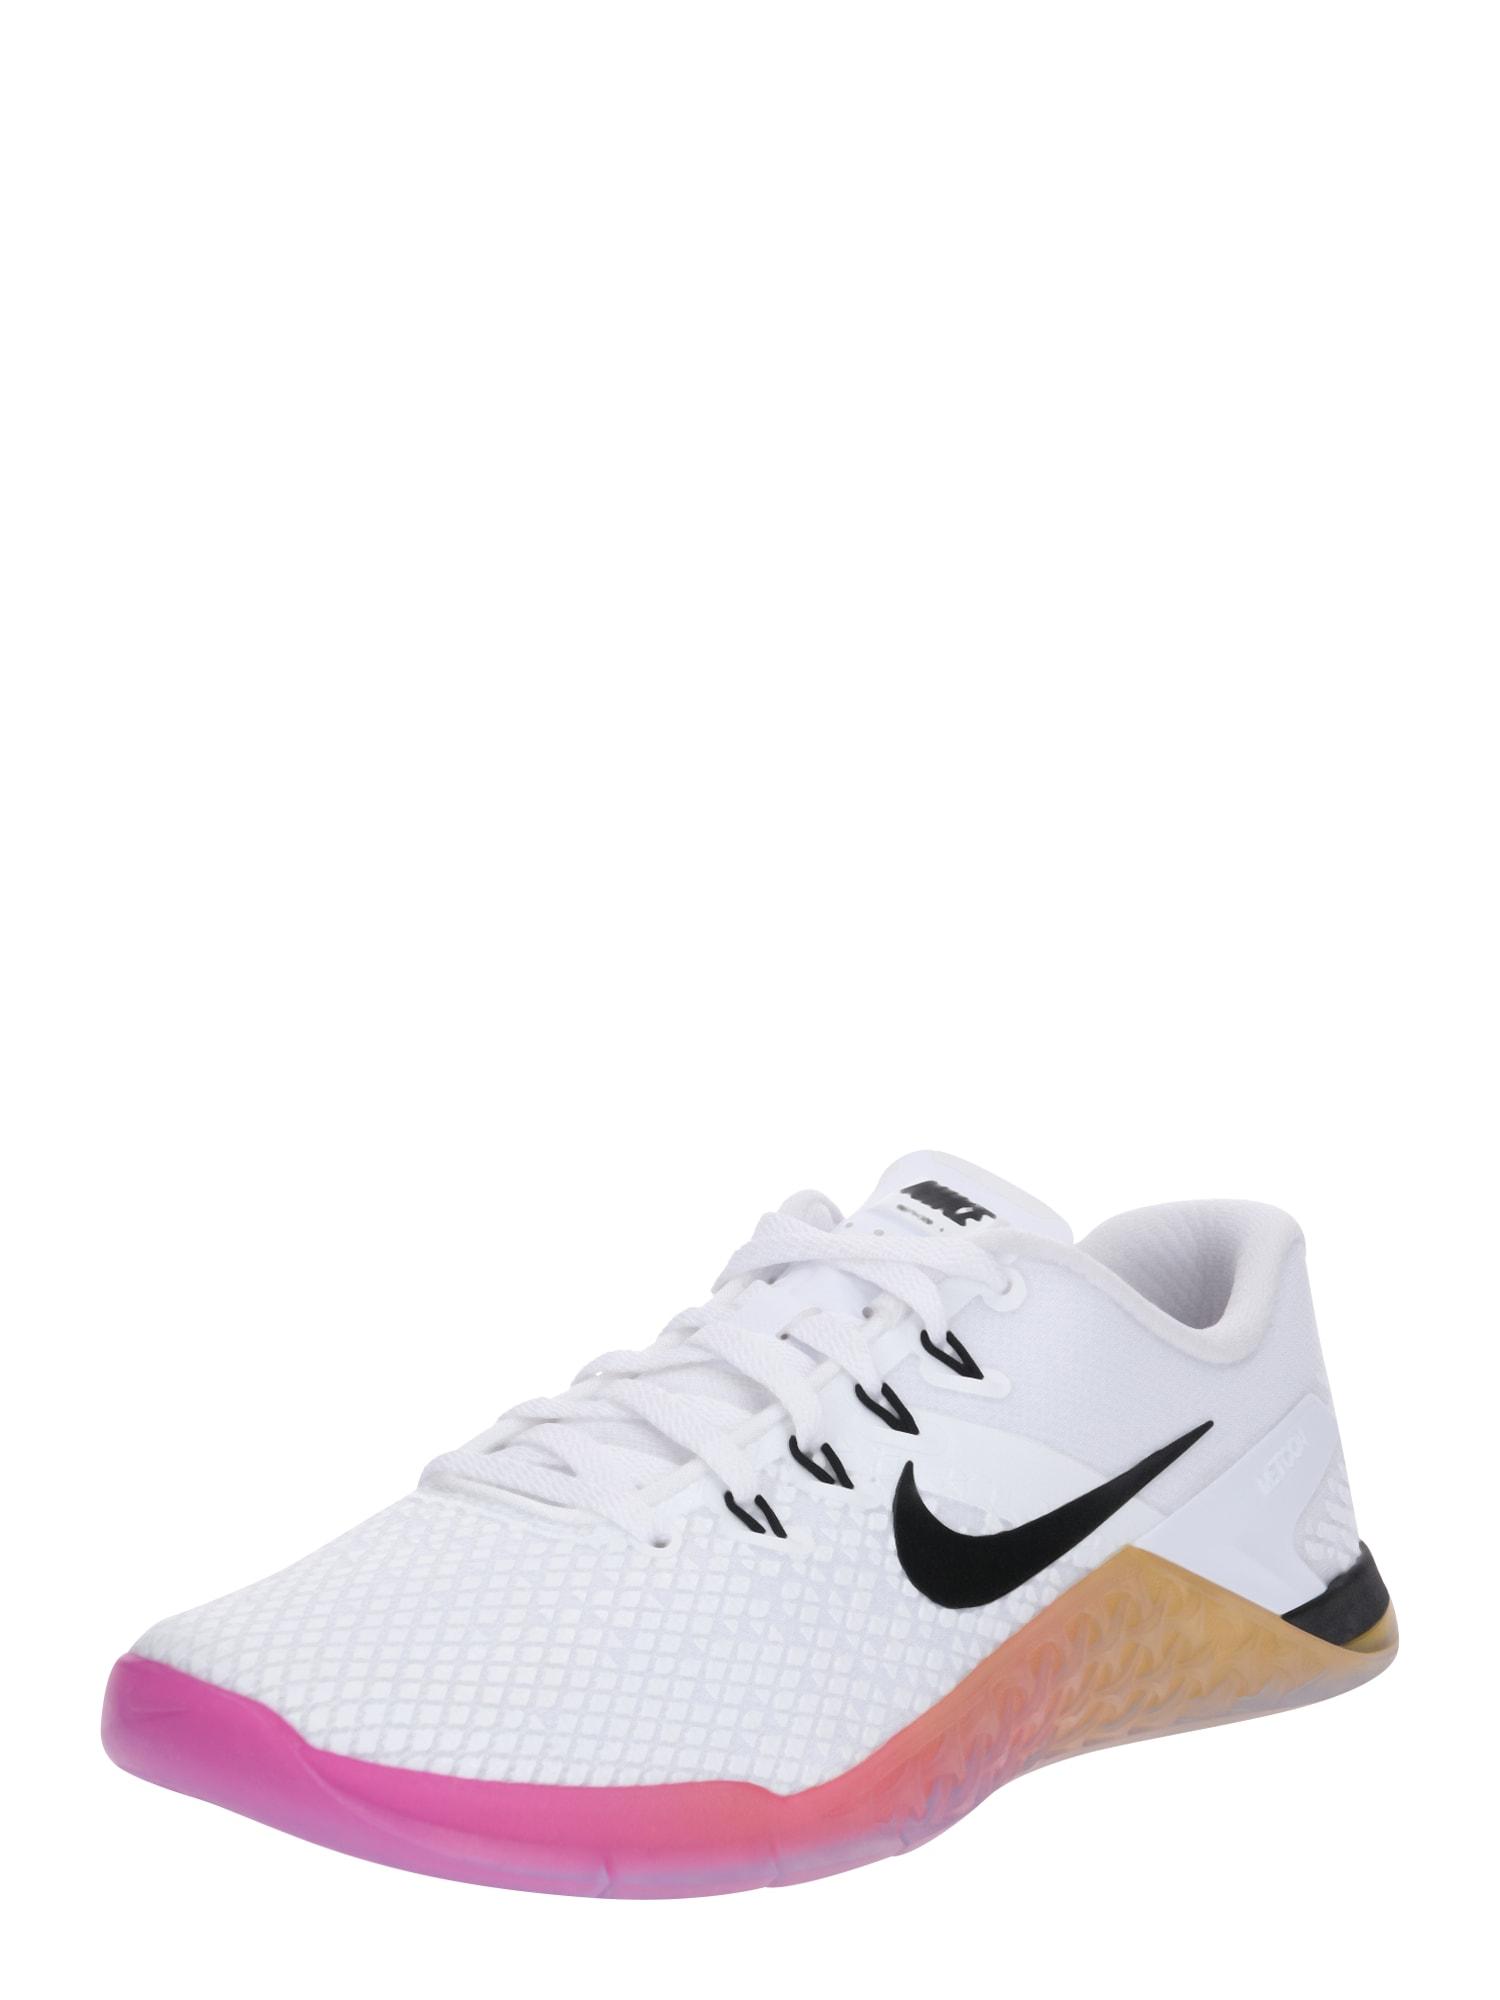 Sportovní boty WMNS METCON 4 XD pink černá bílá NIKE